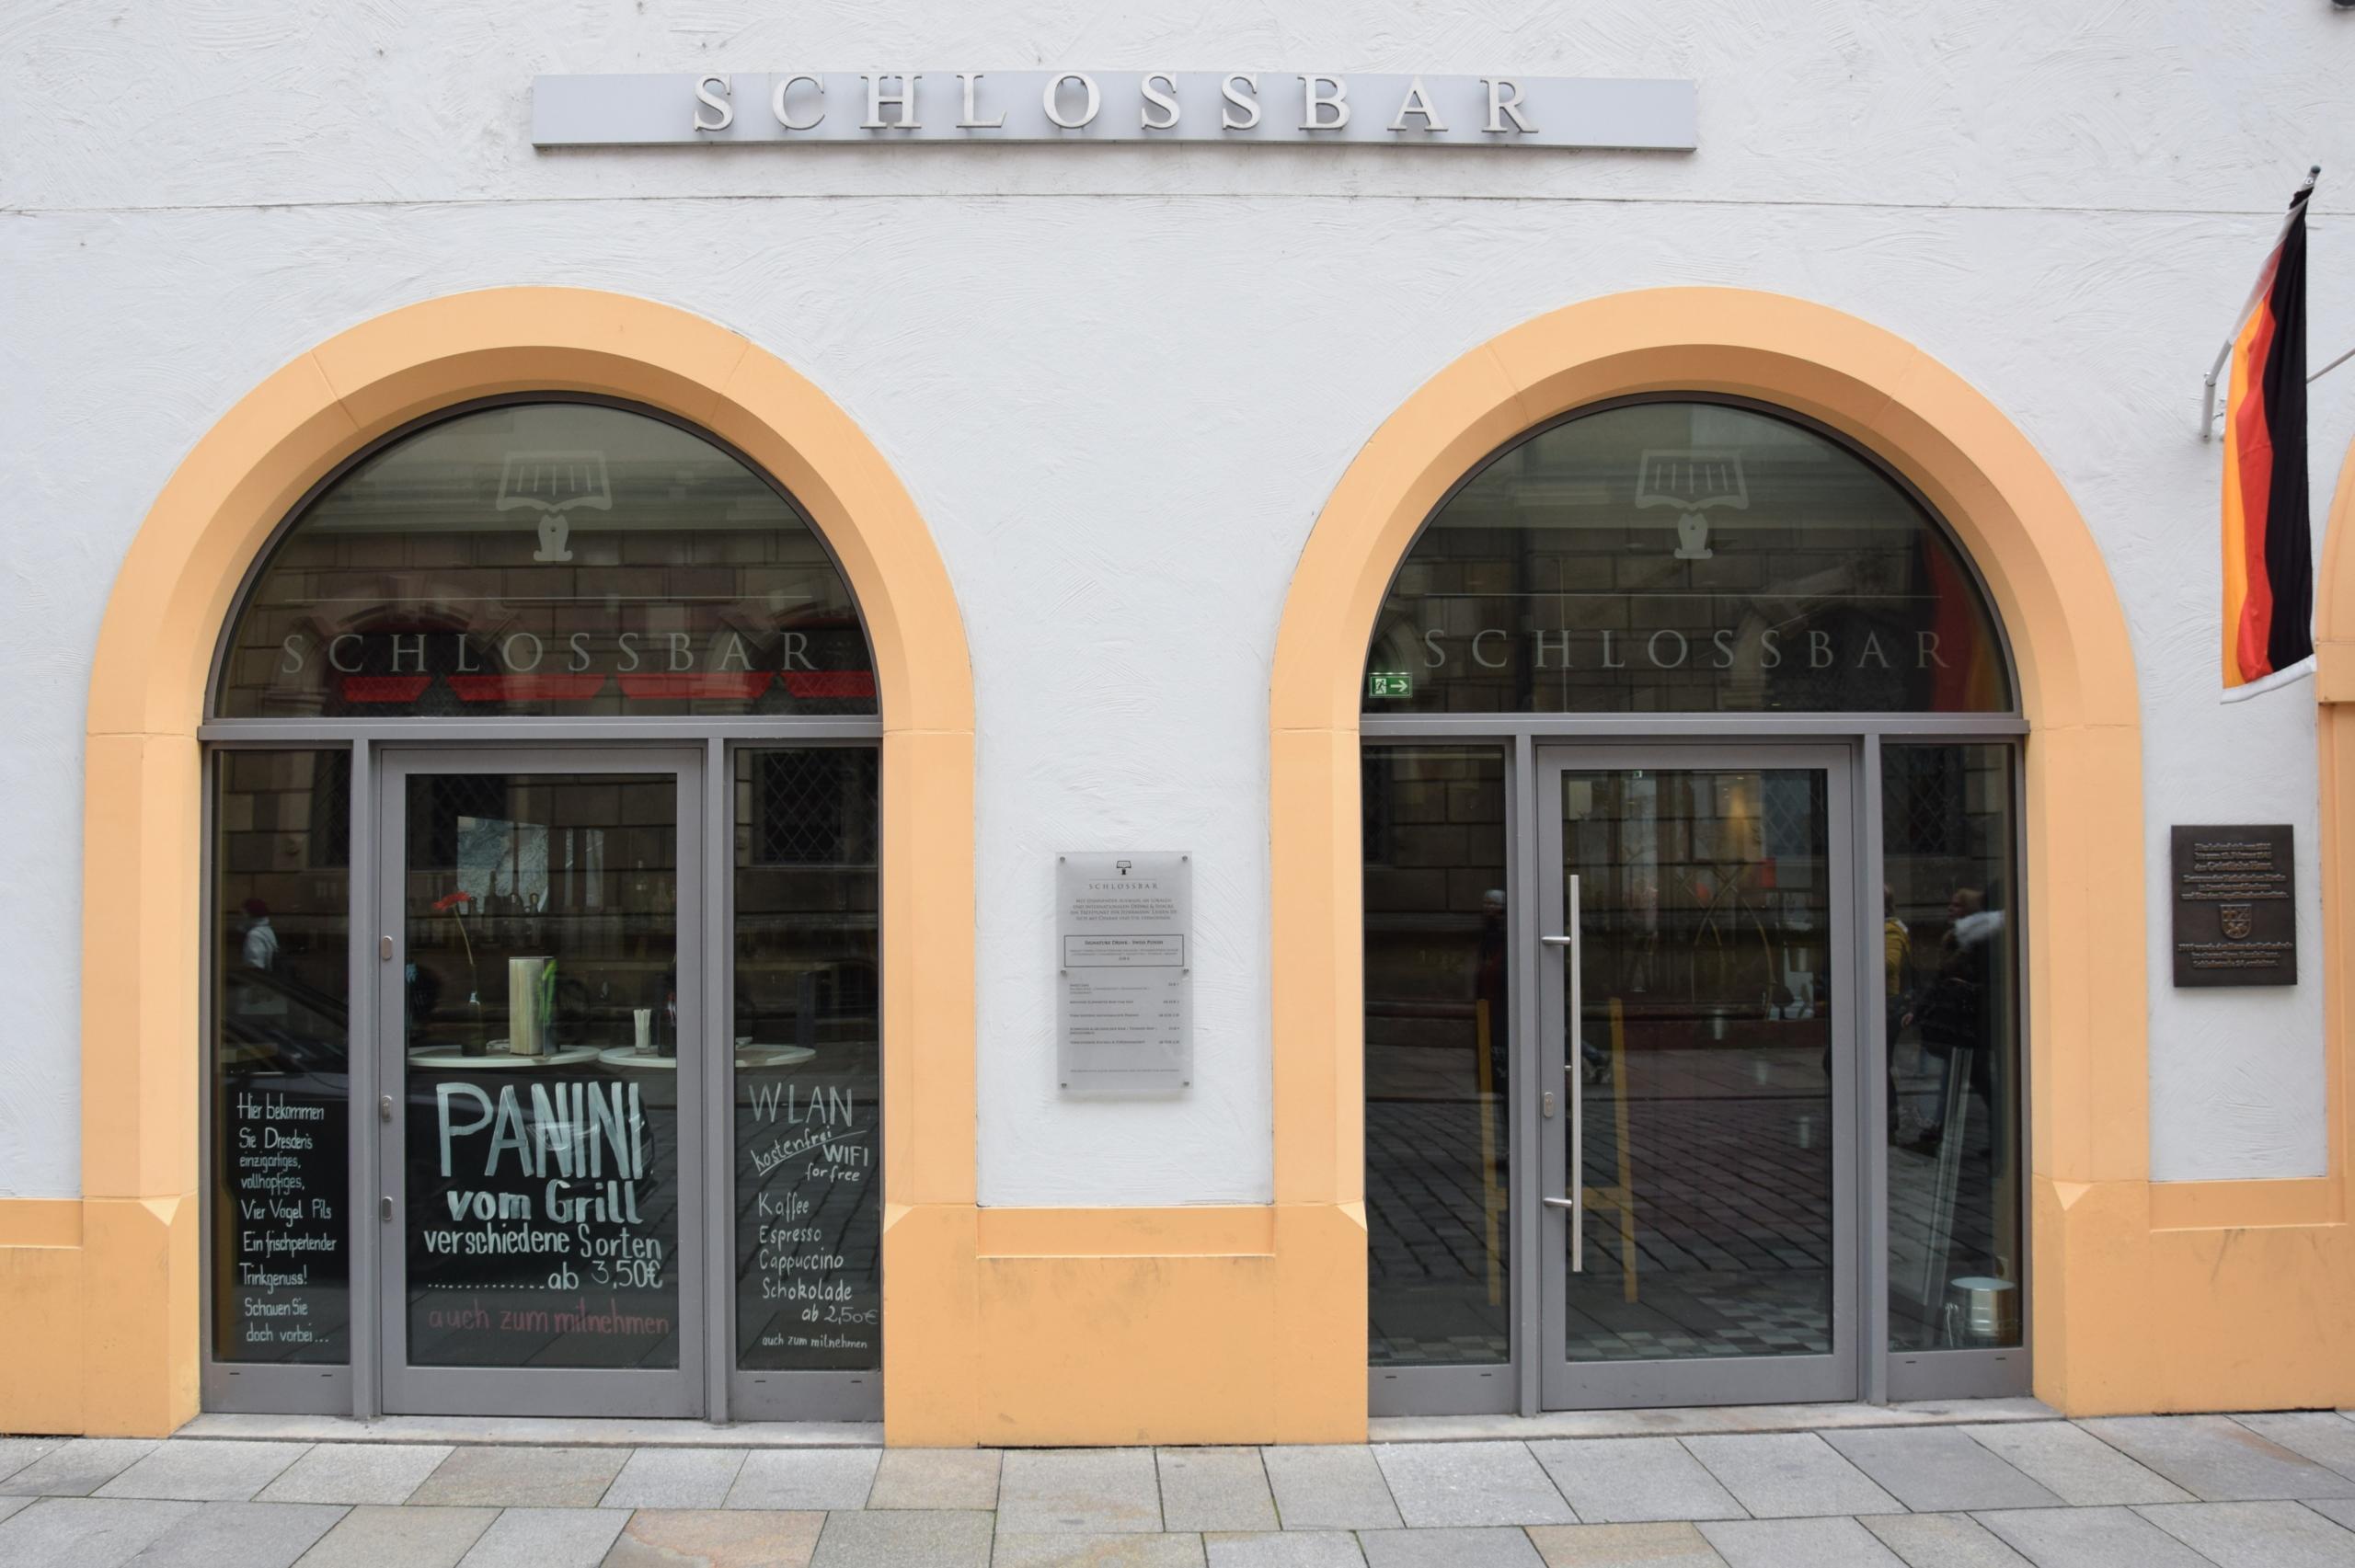 Schlossbar Öffnungszeiten, Schloßstraße in Dresden | Offen.net